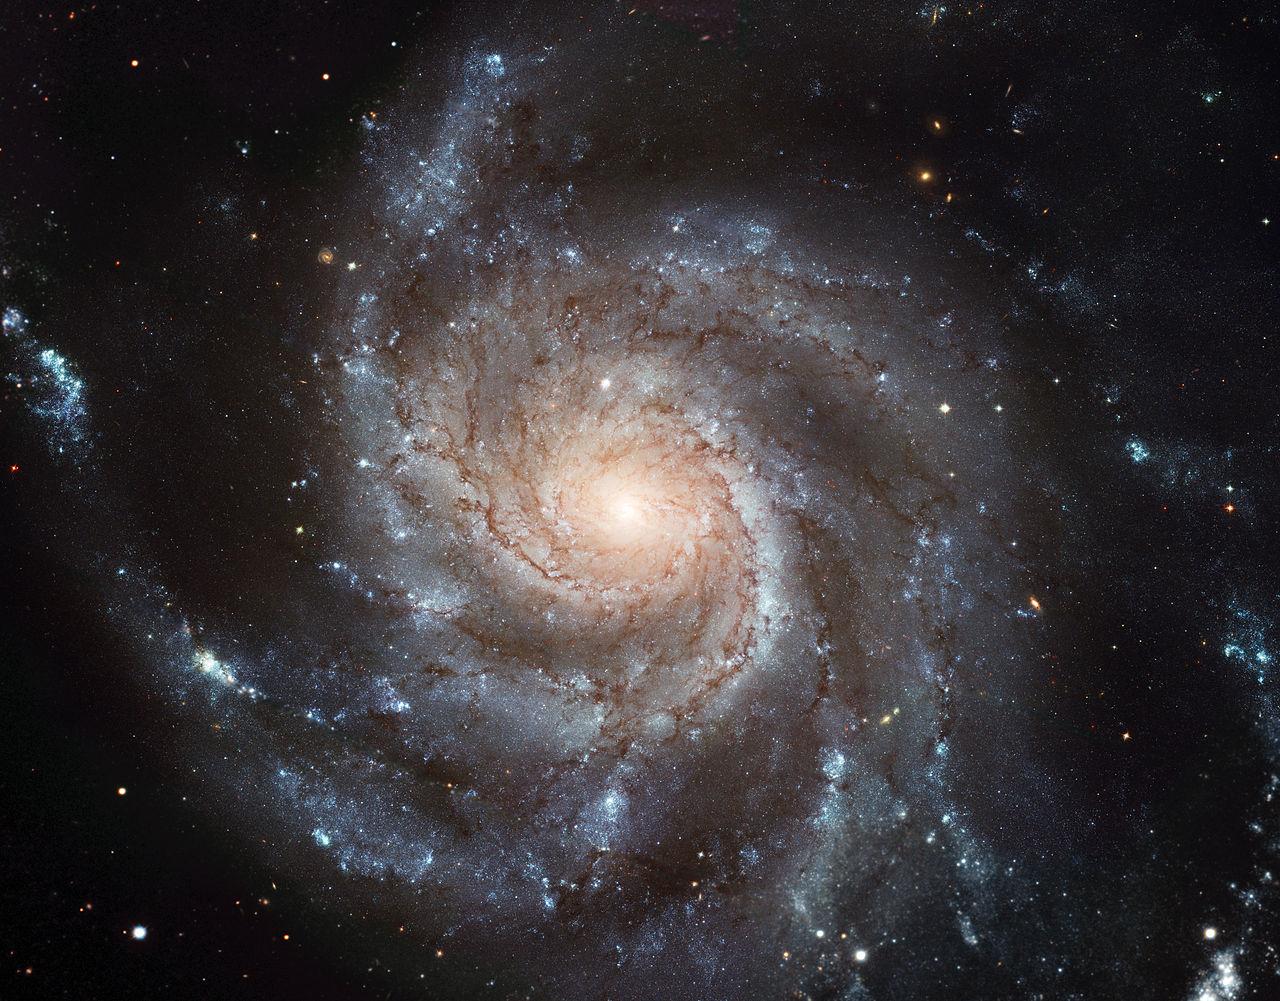 """Вертушка (Messier 101, M 101, NGC 5457)— спиральная галактика всозвездии Большая Медведица. Насегодняшний день это крупнейший инаиболее детальный снимок галактики, сделанный телескопом Хаббла. Он был составлен из 51 отдельного кадра. <a href=""""https://upload.wikimedia.org/wikipedia/commons/c/c5/M101_hires_STScI-PRC2006-10a.jpg"""">По ссылке</a> вы можете посмотреть этот снимок вбольшом (15 852 × 12 392 пикселя) разрешении."""